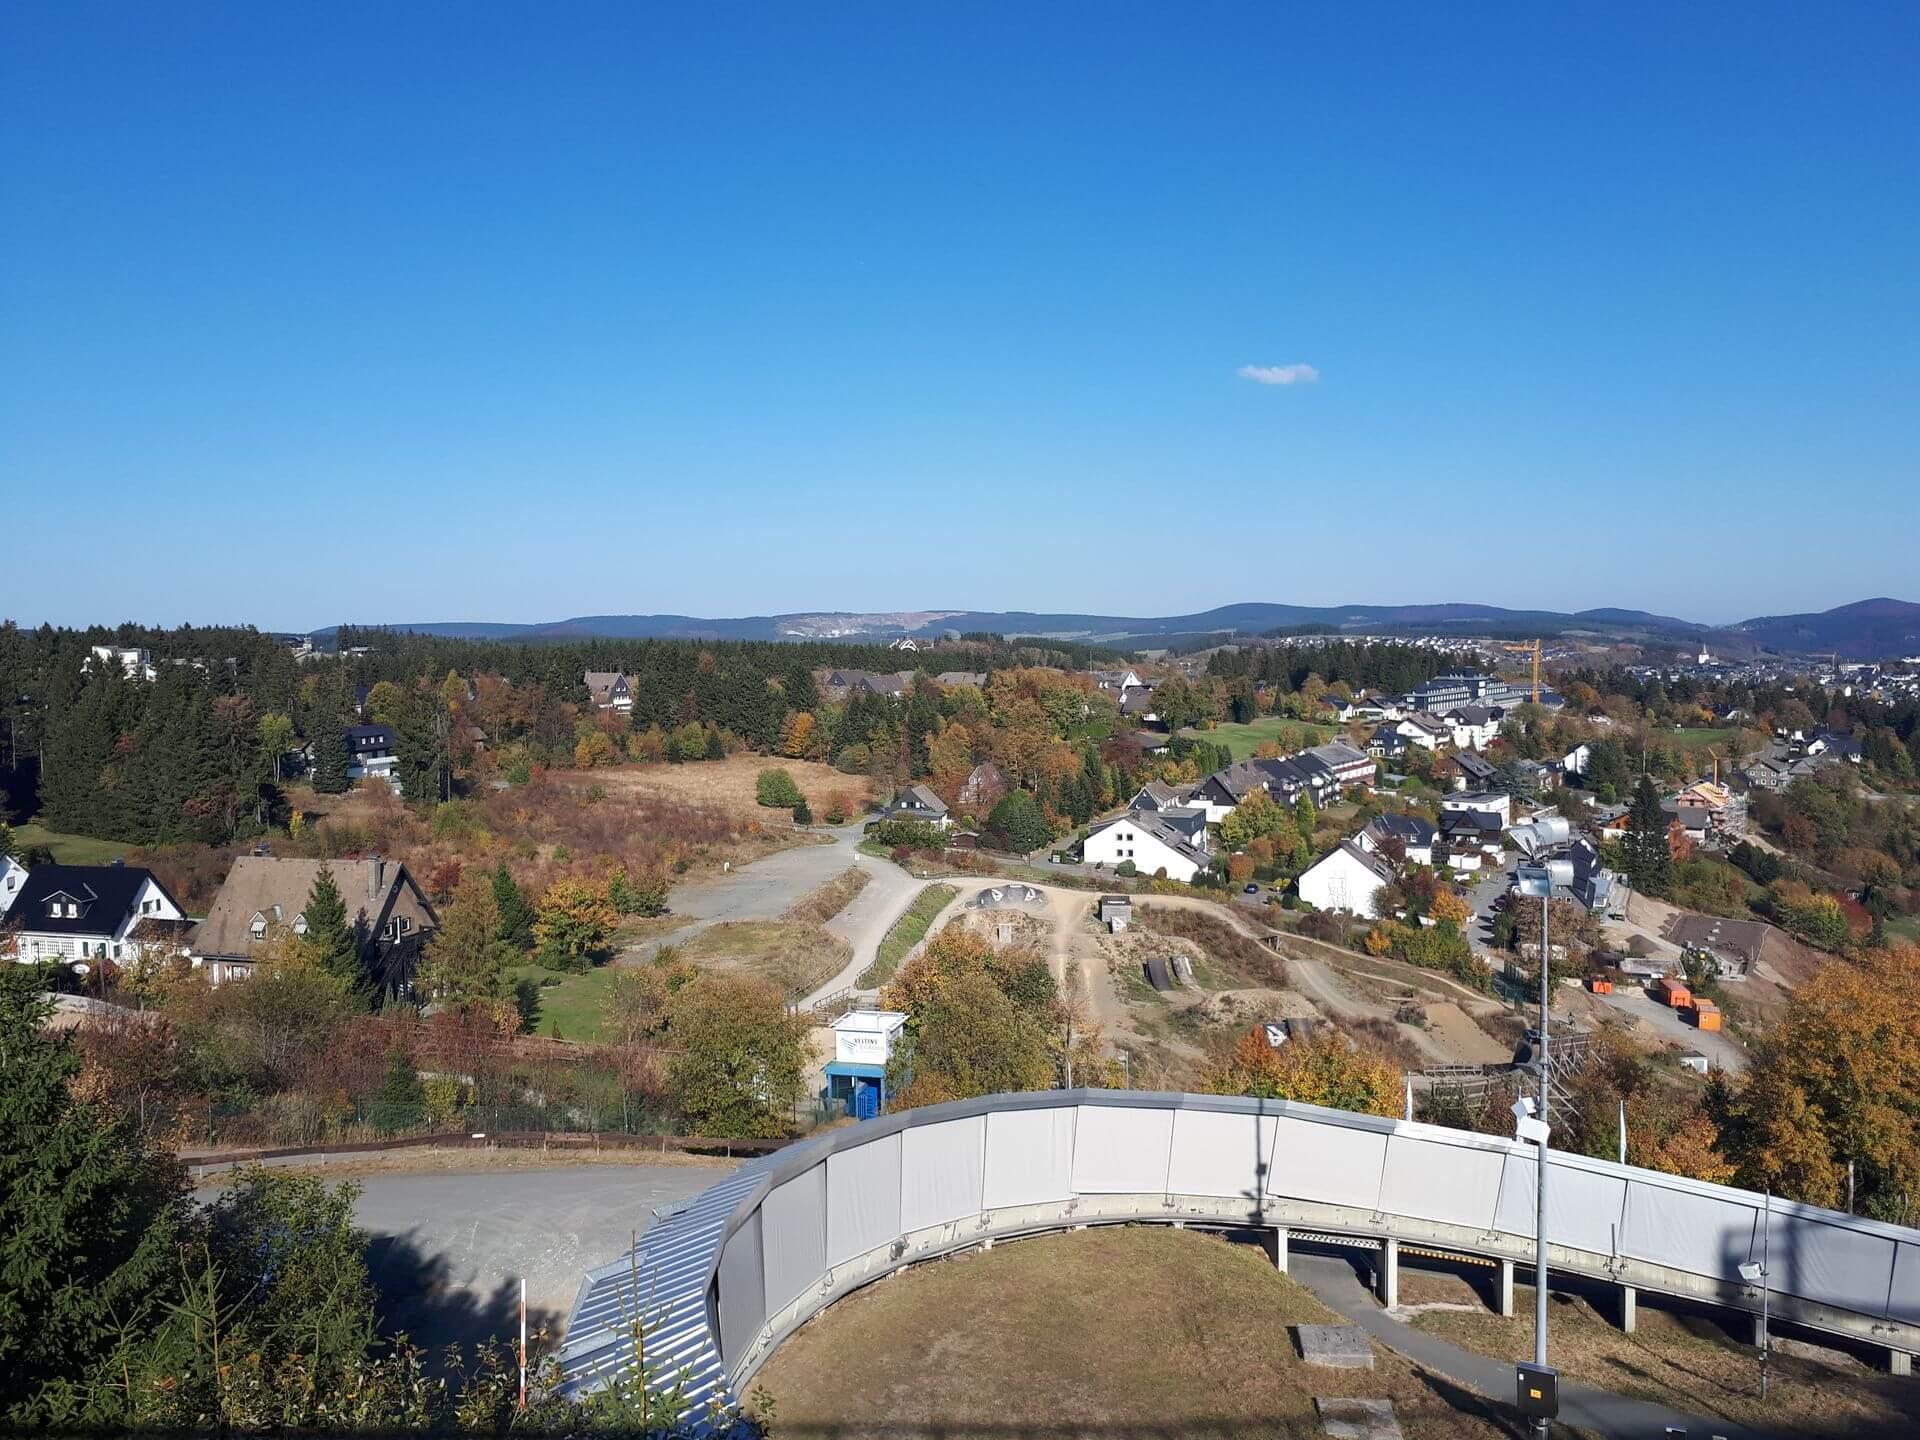 Aussicht auf Bobbahn und Bikepark Winterberg von der Panorama Erlebnis Brücke